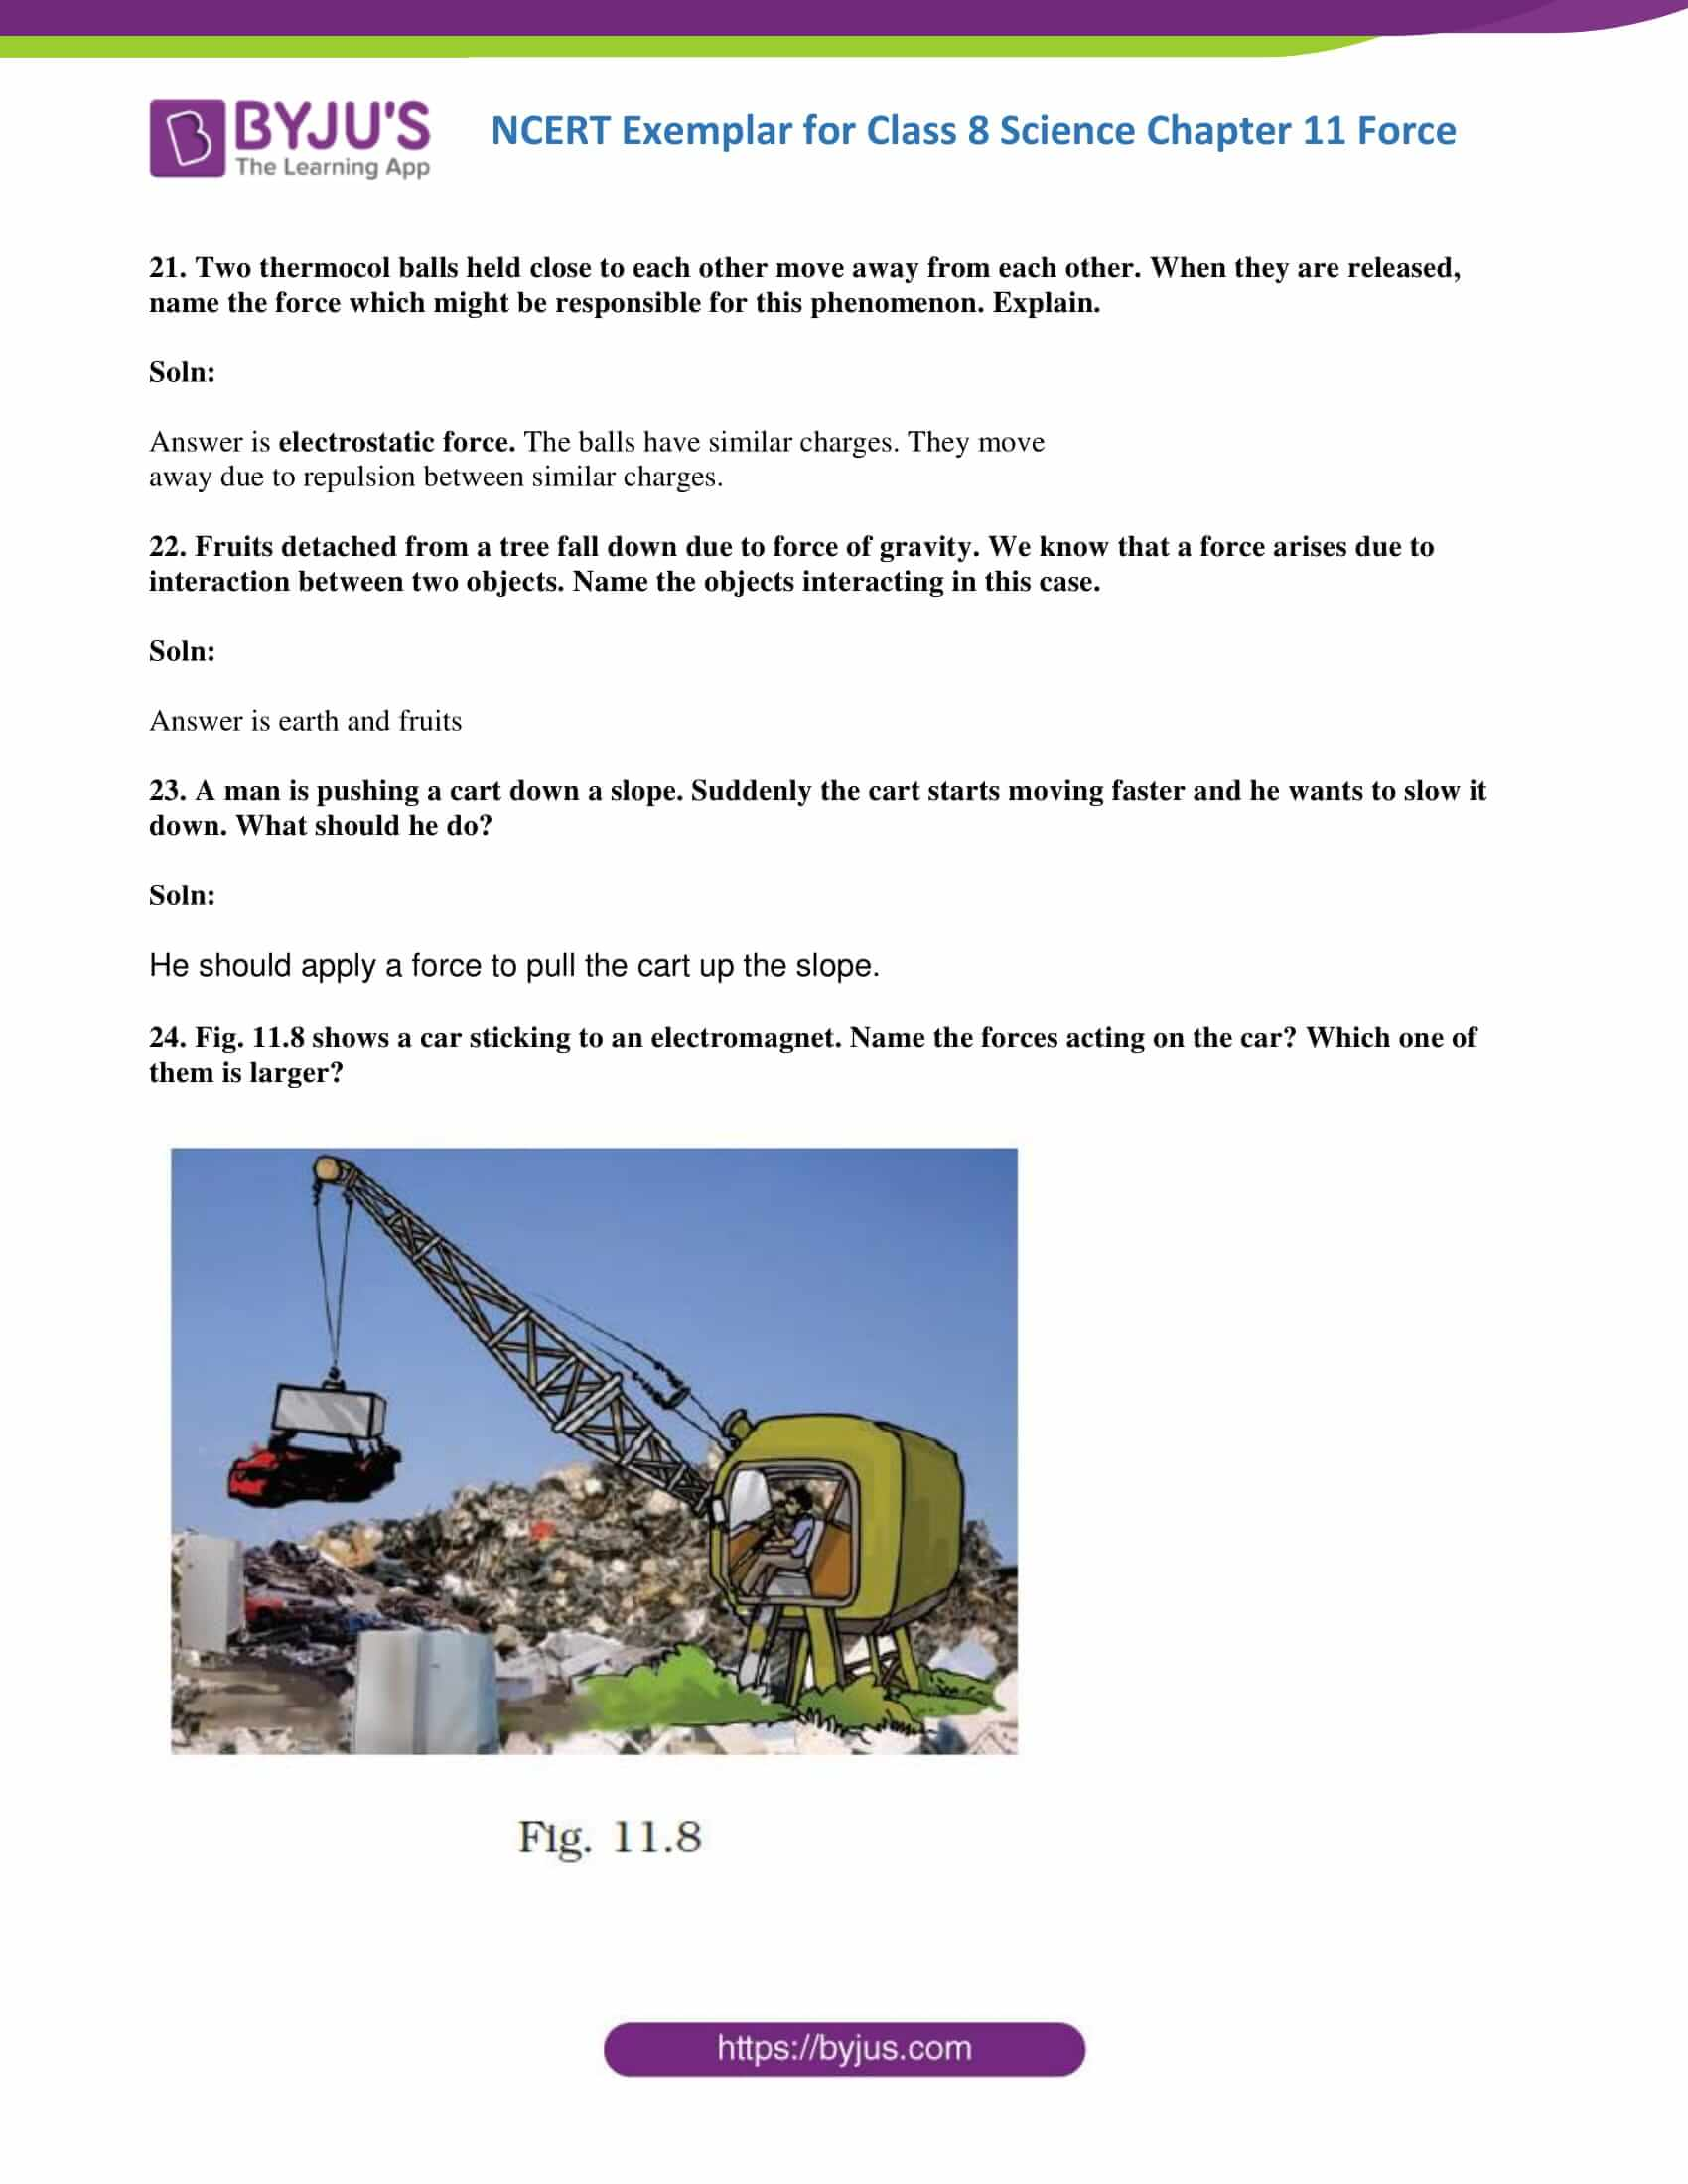 NCERT Exemplar solution class 8 Science Chapter 11 part 08